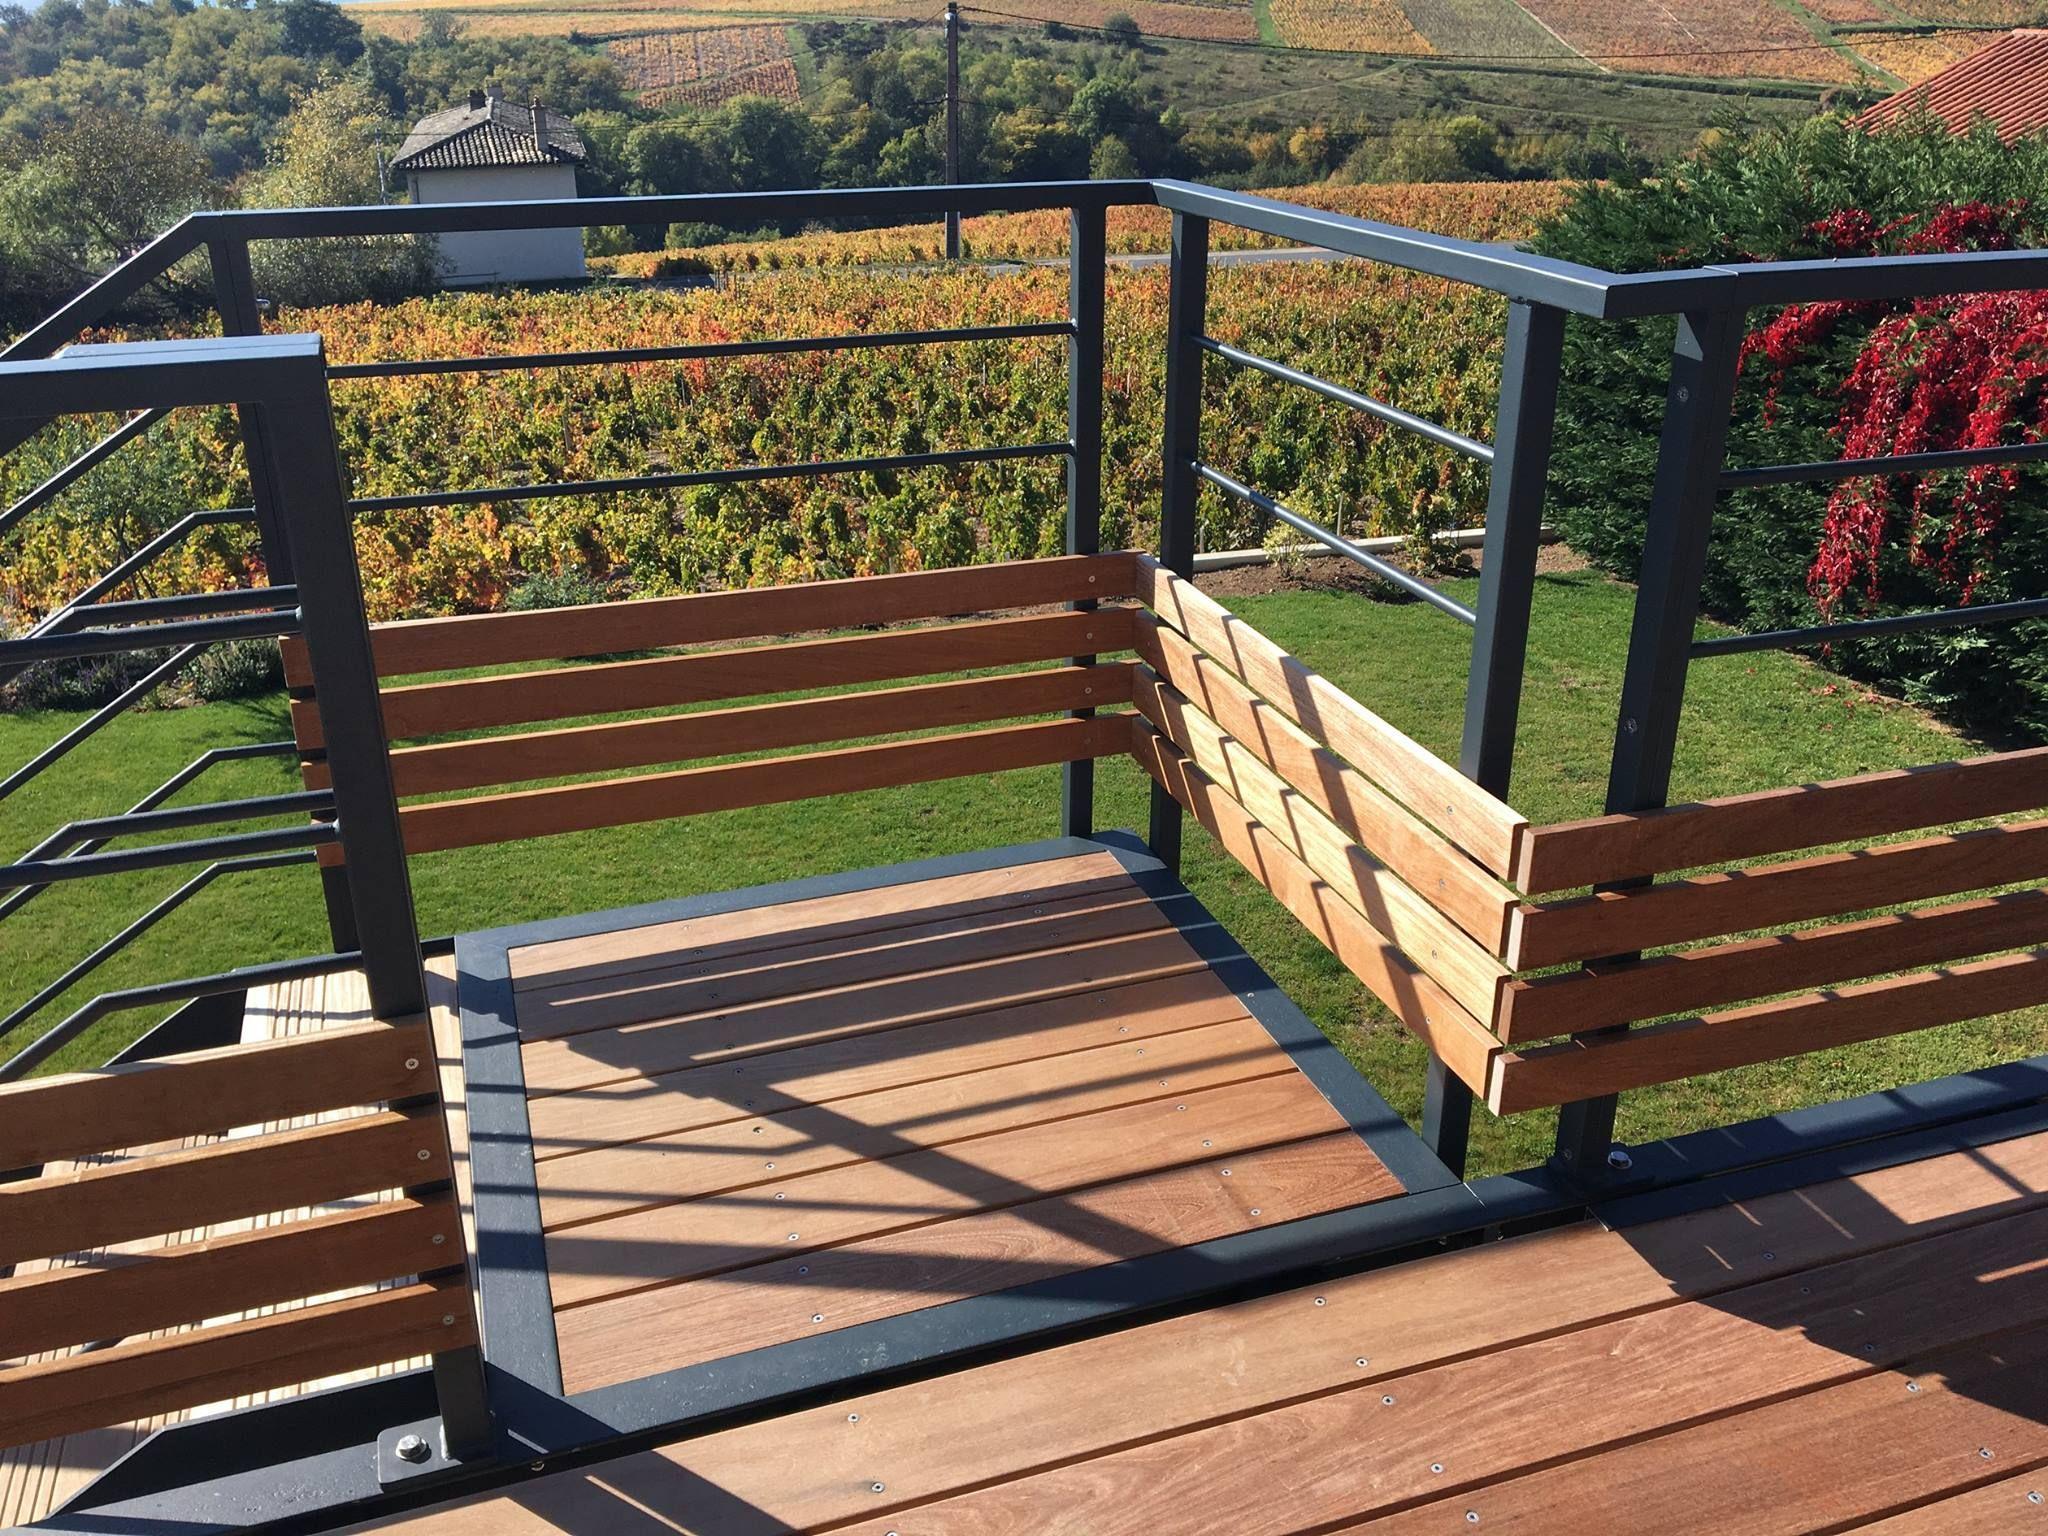 Terrasse Sur Pilotis Avec Vue Imprenable Sur Notre Magnifique Vignoble Beaujolais Etude Balustrade Terrasse Terrasse Sur Pilotis Garde Corps Terrasse Bois